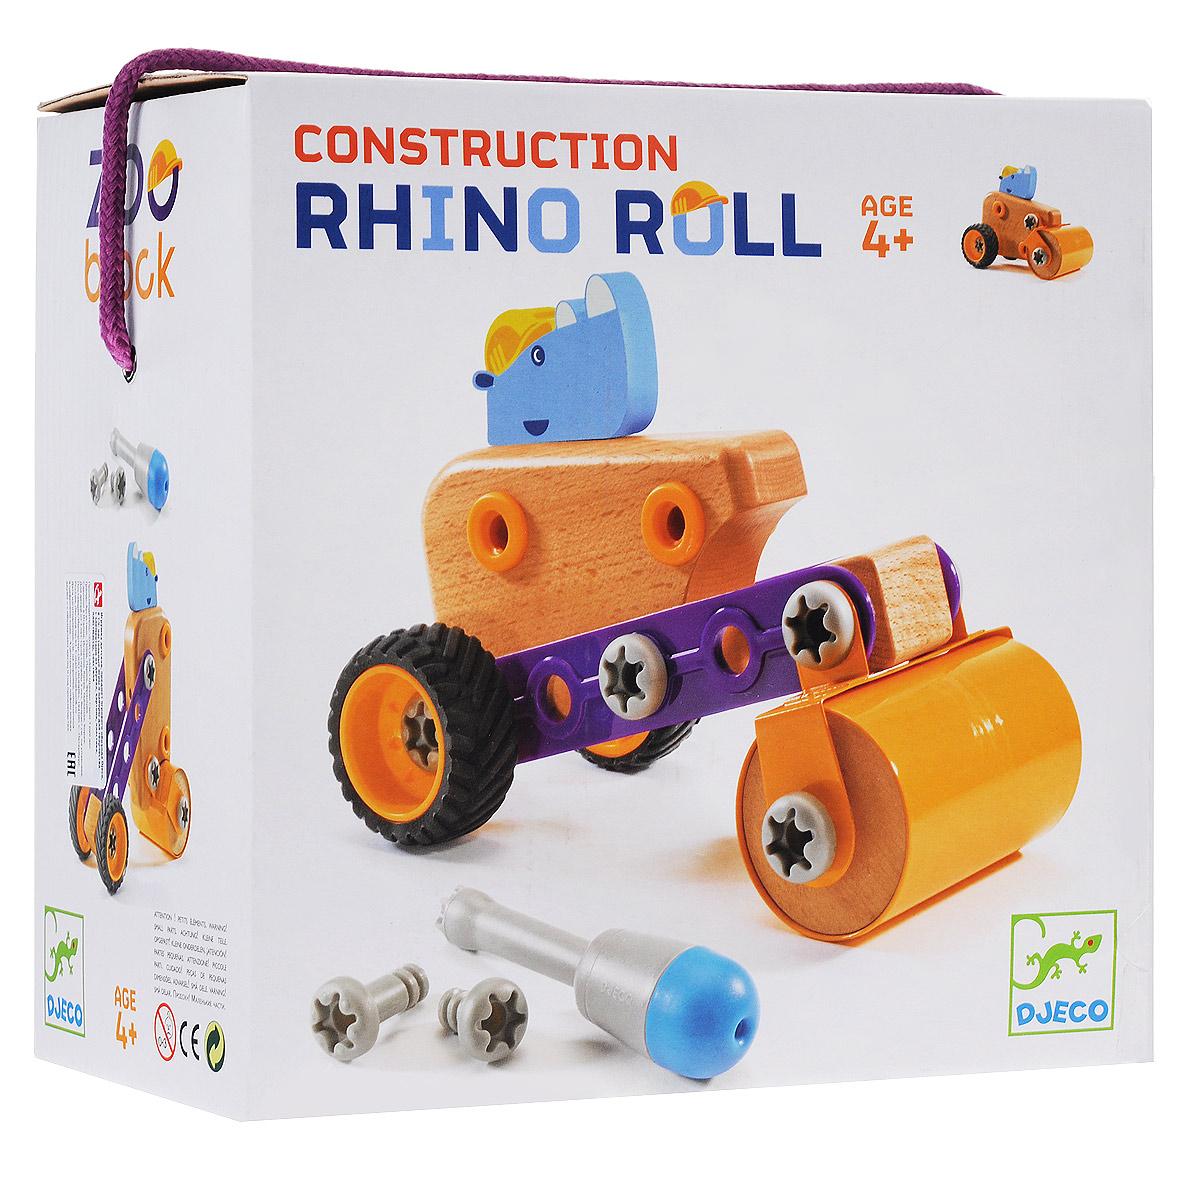 Djeco Конструктор-трансформер Носорог Рол06693Конструктор-трансформер Djeco Носорог Рол понравится вашему малышу. Конструктор включает 21 элемент, из которых малыш сможет собрать несколько вариантов строительного катка, которым управляет носорог. Помогут ему в этом отвертка и схематичная инструкция, которые также входят в комплект. Элементы конструктора выполнены из дерева (цельный бук), металла и пластика и имеют удобную для детских ручек форму. Они надежно крепятся друг к другу, так что игрушку можно не только собирать, но и играть с ней. Благодаря высочайшему качеству и прочным деталям с игрушкой прекрасно можно играть как дома, так и на улице. Детский конструктор Djeco Носорог Рол развивает мелкую моторику рук, сообразительность и усидчивость ребенка.